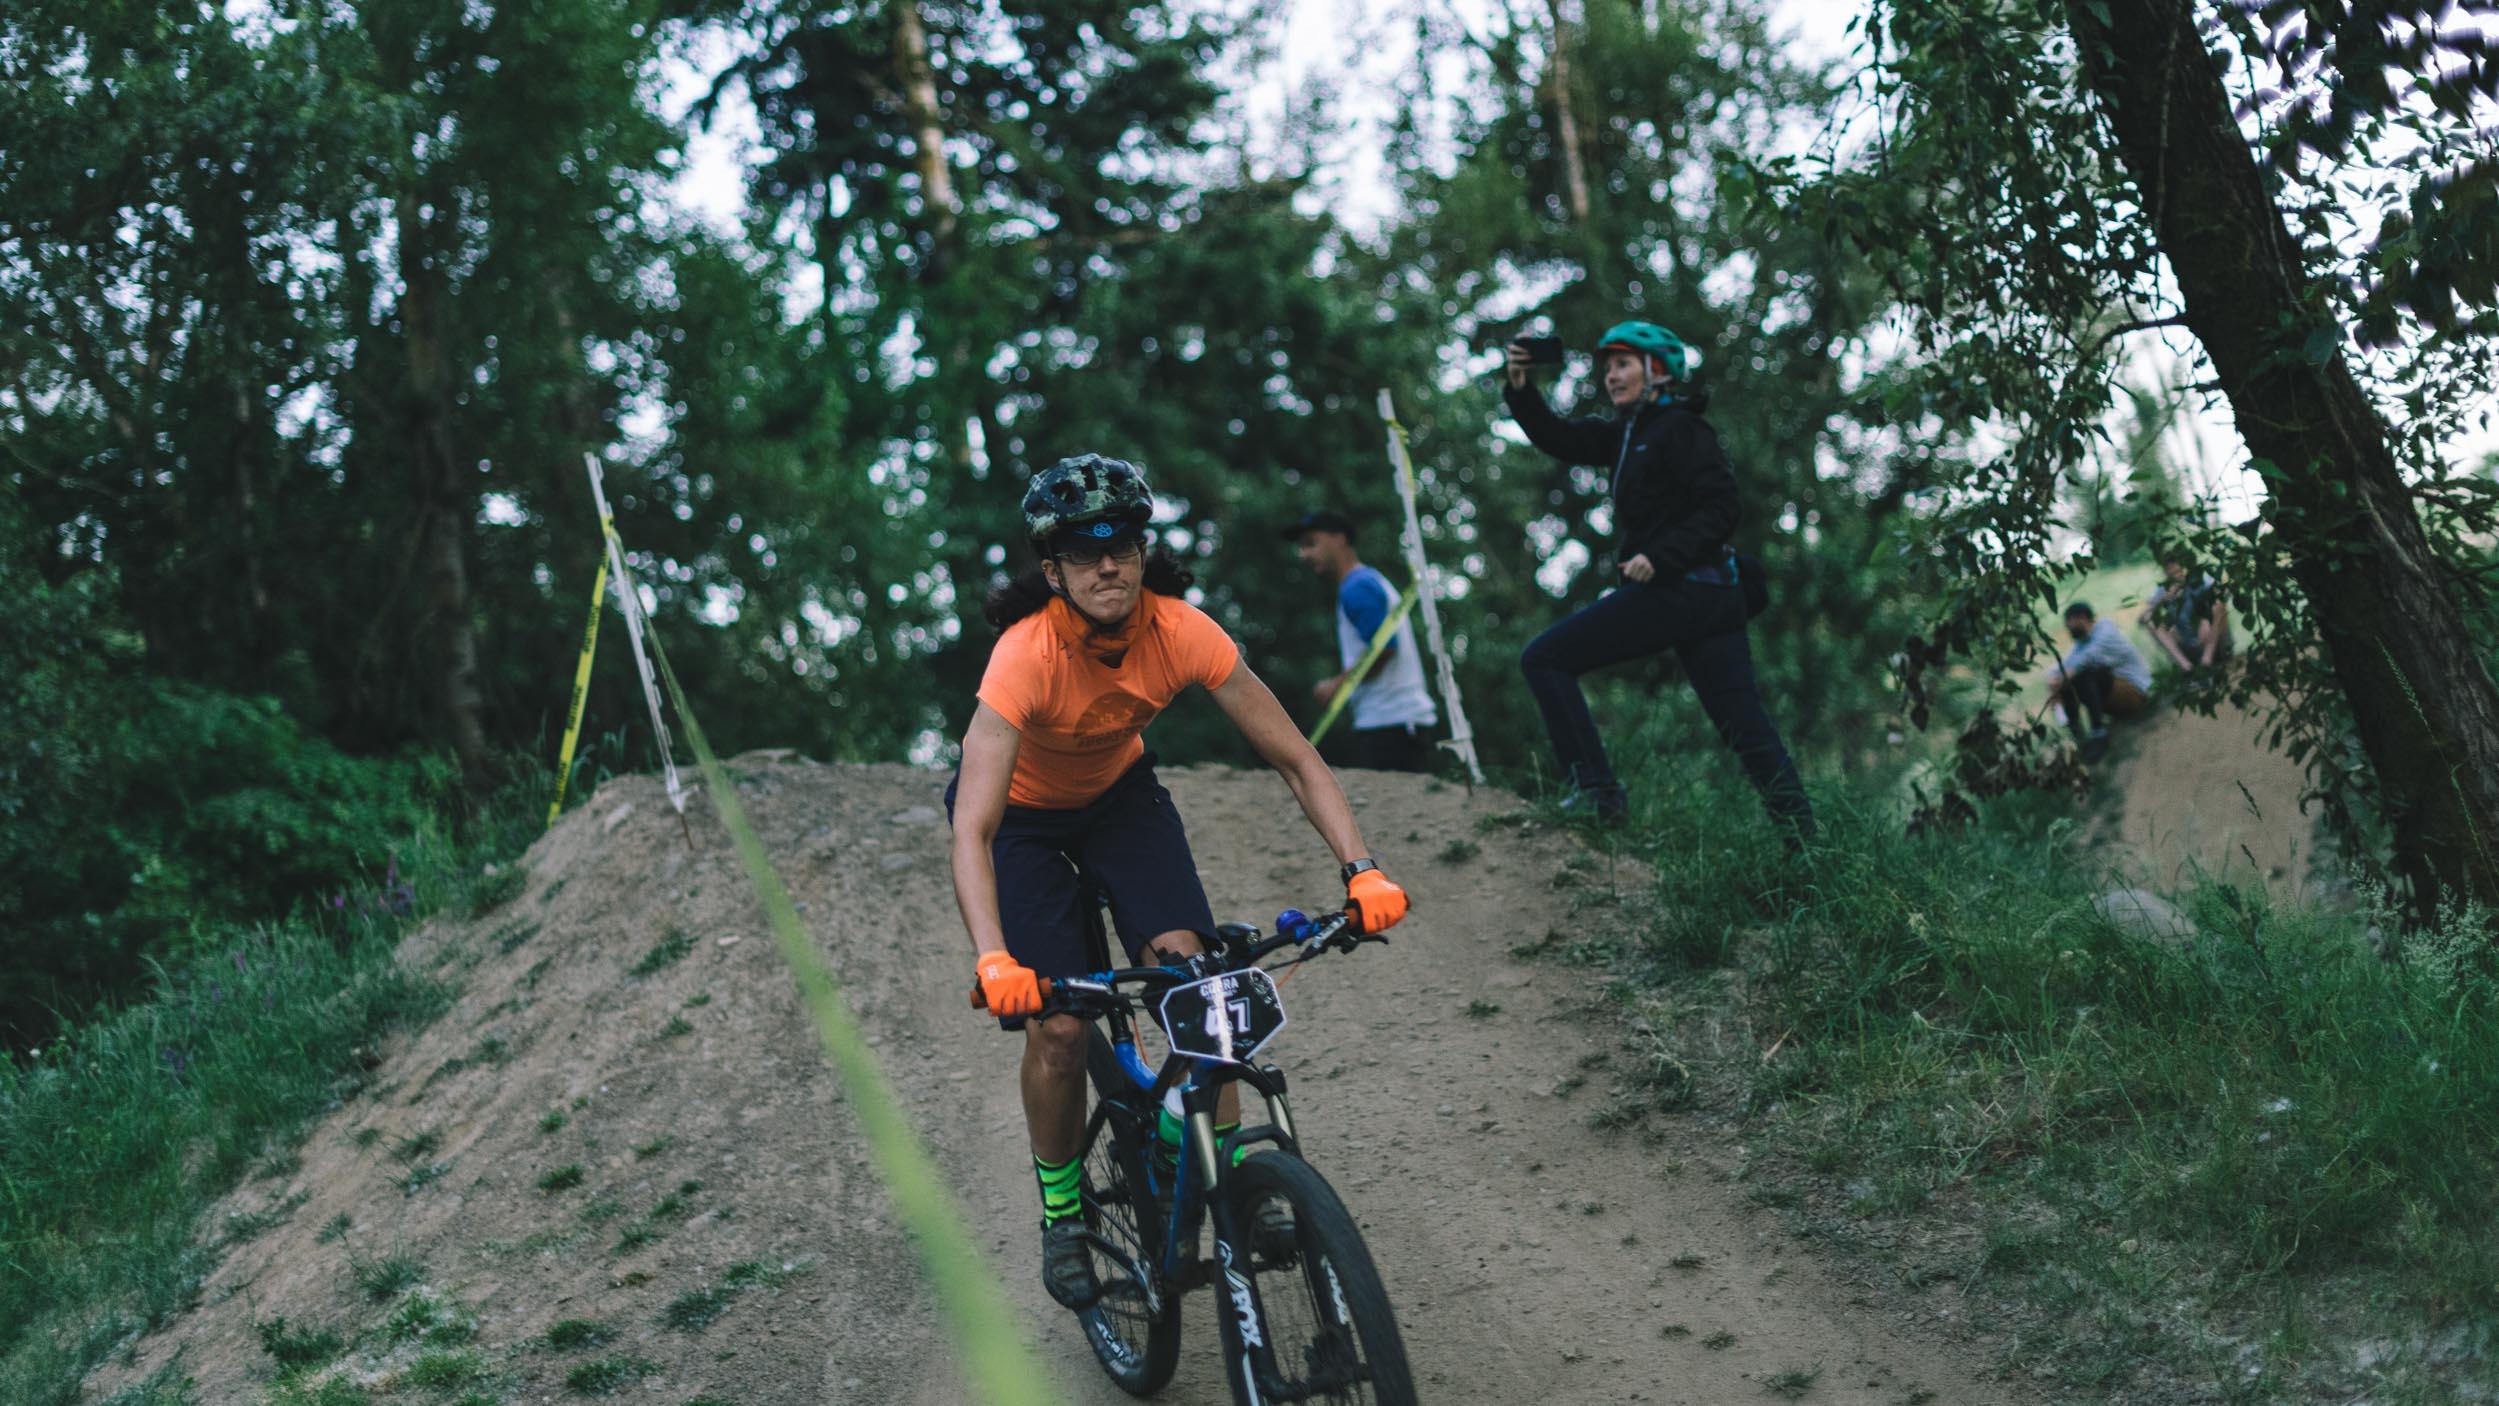 COBRA_Racing_Gateway_Miguel_Race_38.jpg